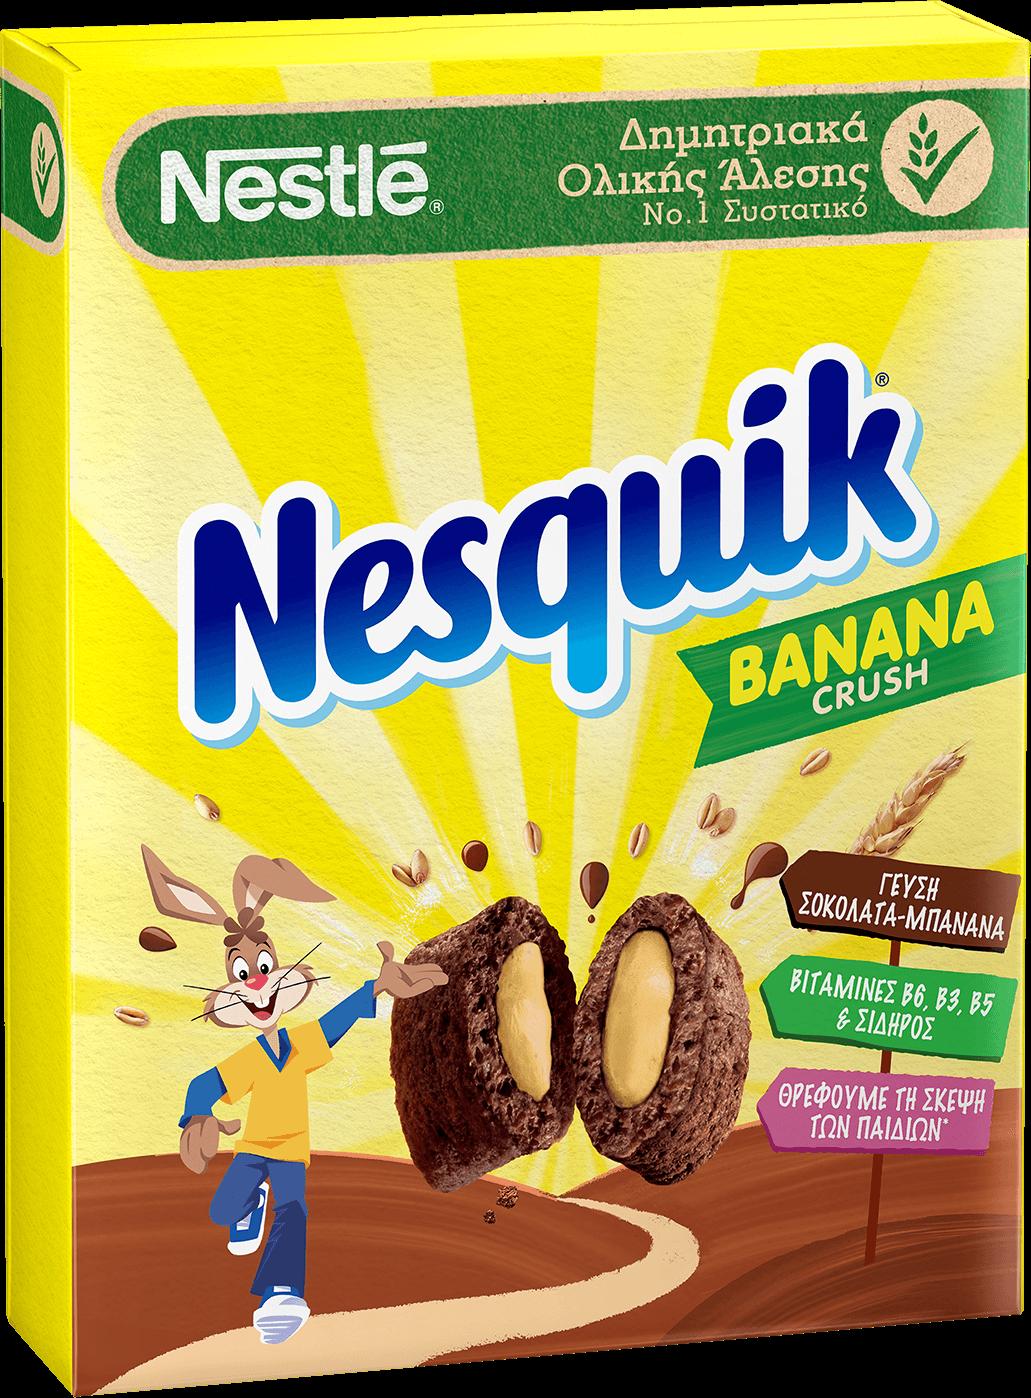 Η σοκολάτα και η μπανάνα, δύο ακαταμάχητες γεύσεις που αγαπούν μικροί και μεγάλοι, ενώνονται για πρώτη φορά στα δημητριακά Nestlé NESQUIK® και είναι εδώ για να σας χαρίσουν μοναδικές στιγμές απόλαυσης στο πρωινό σας!